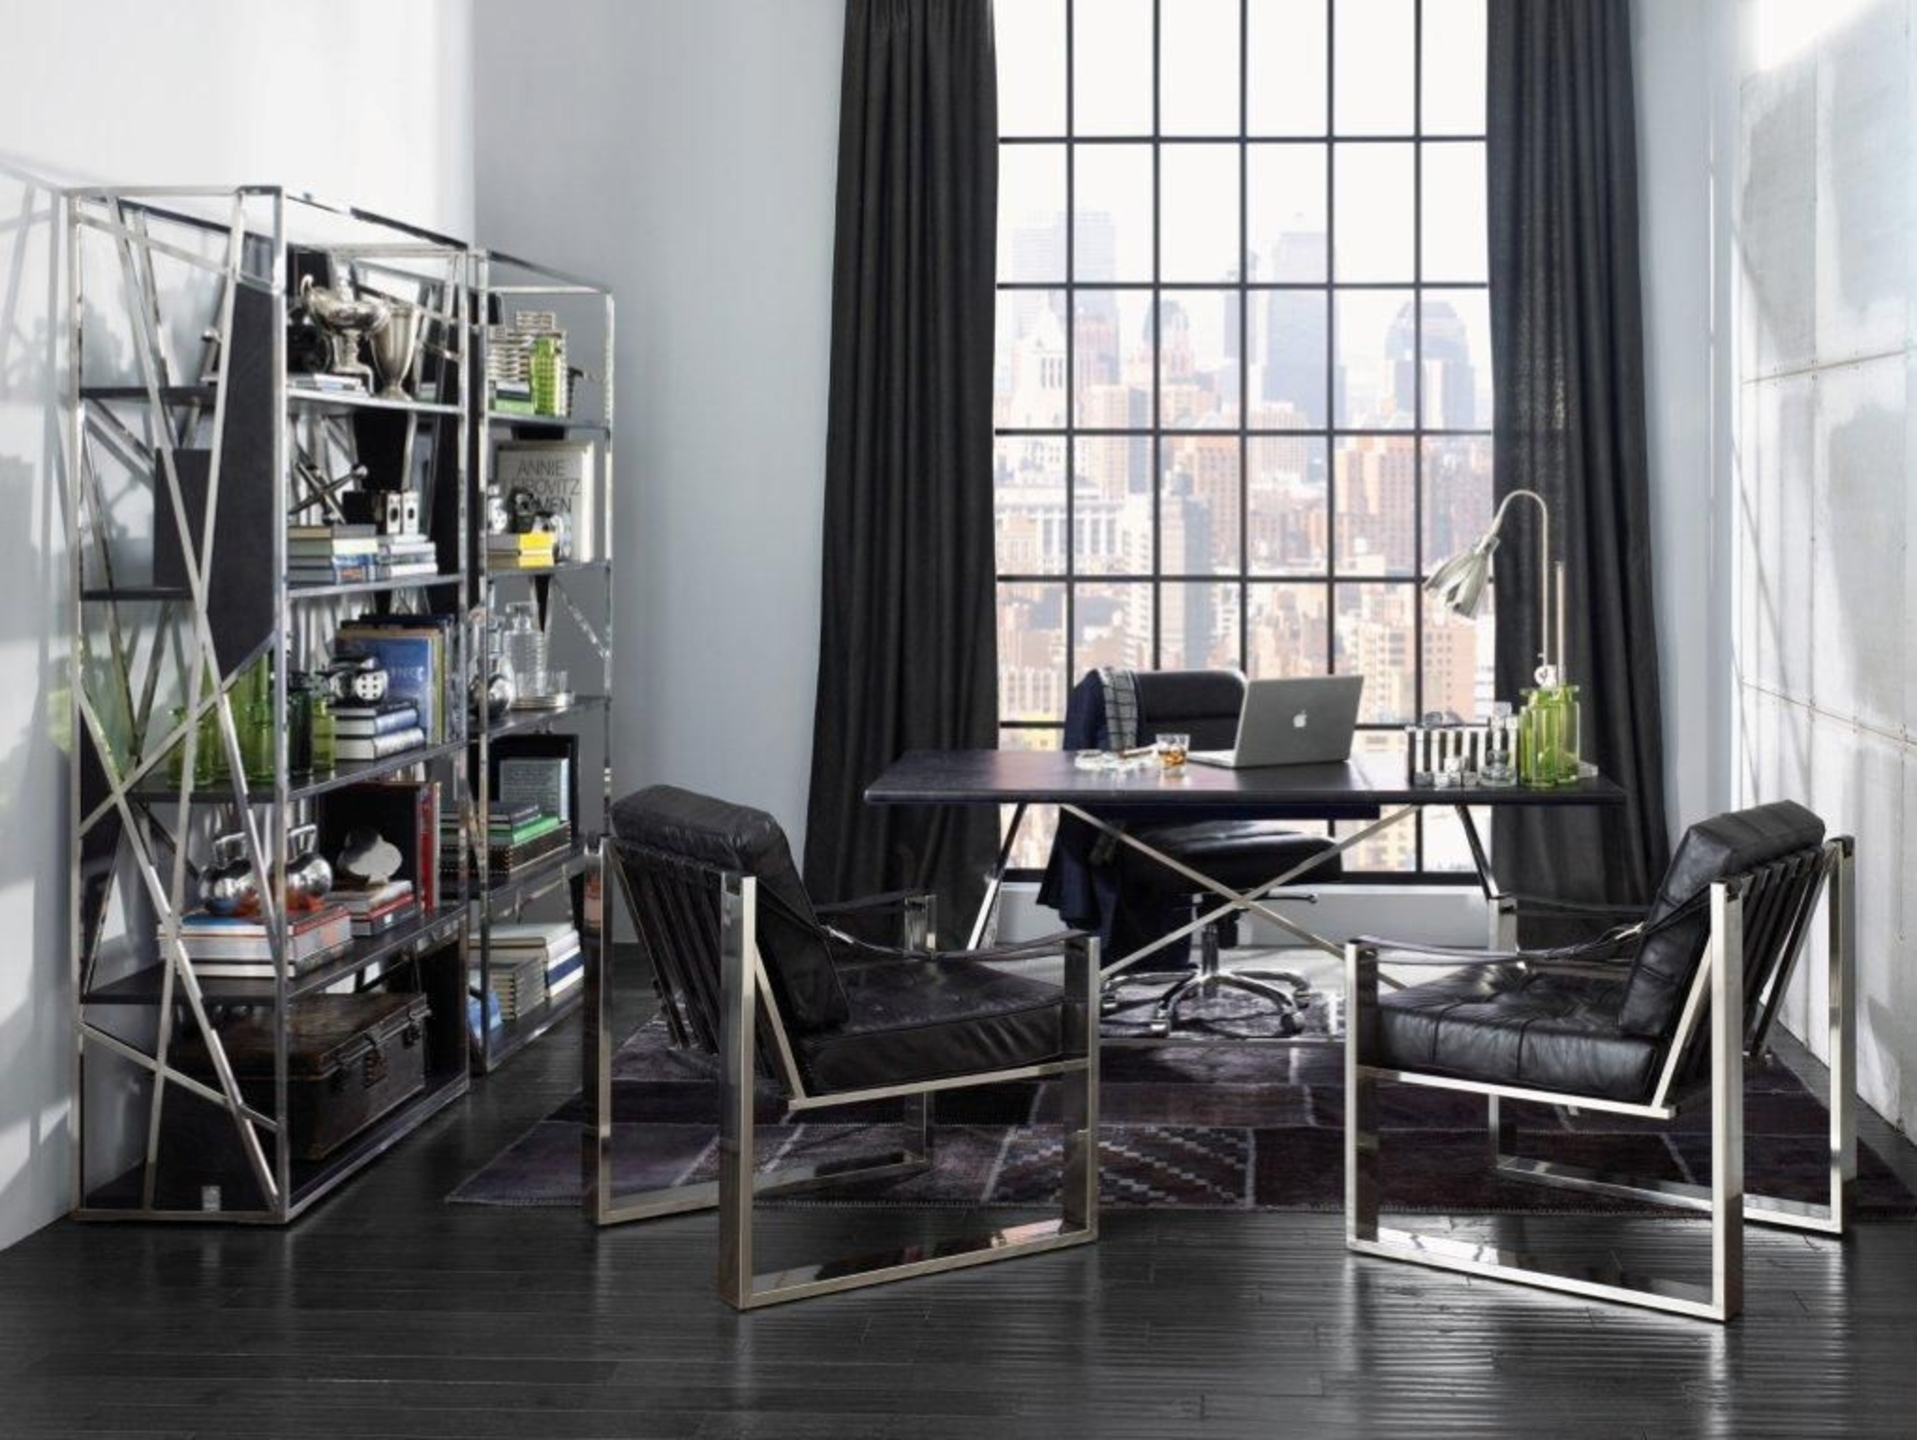 Черная мебель с хромированными элементами